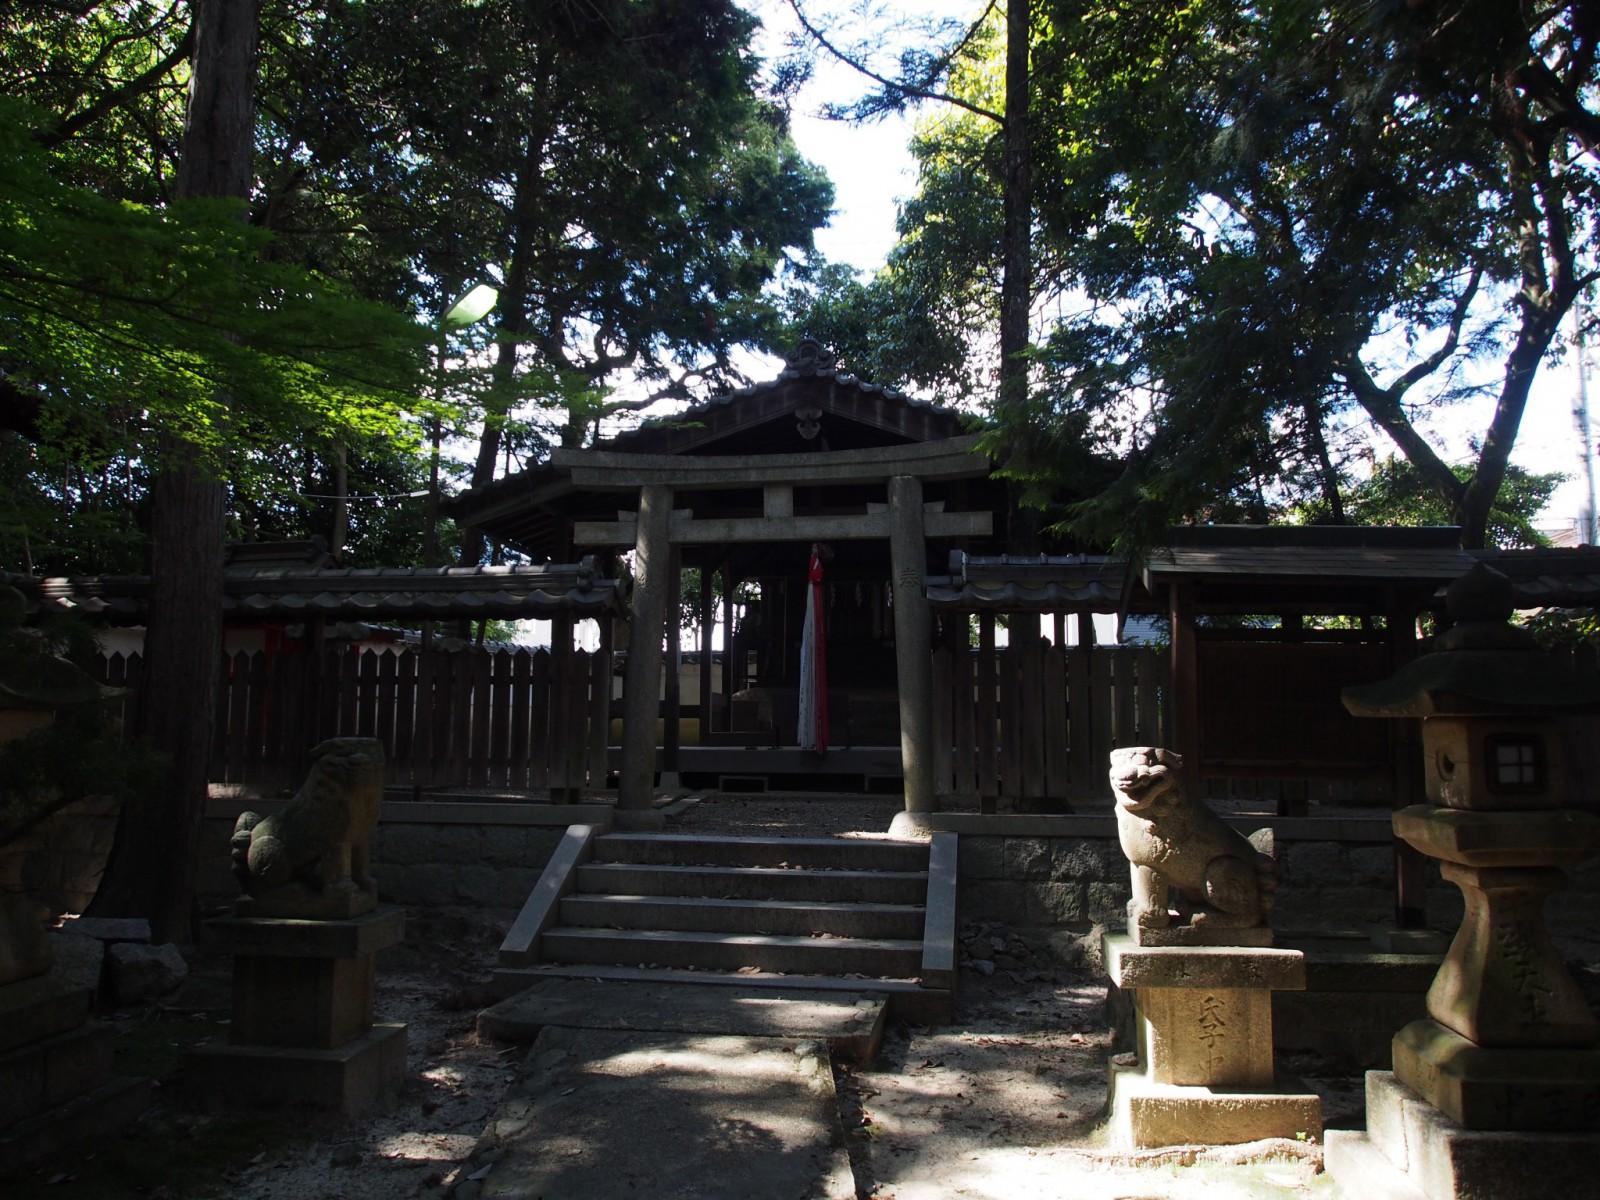 蓬莱神社の社殿